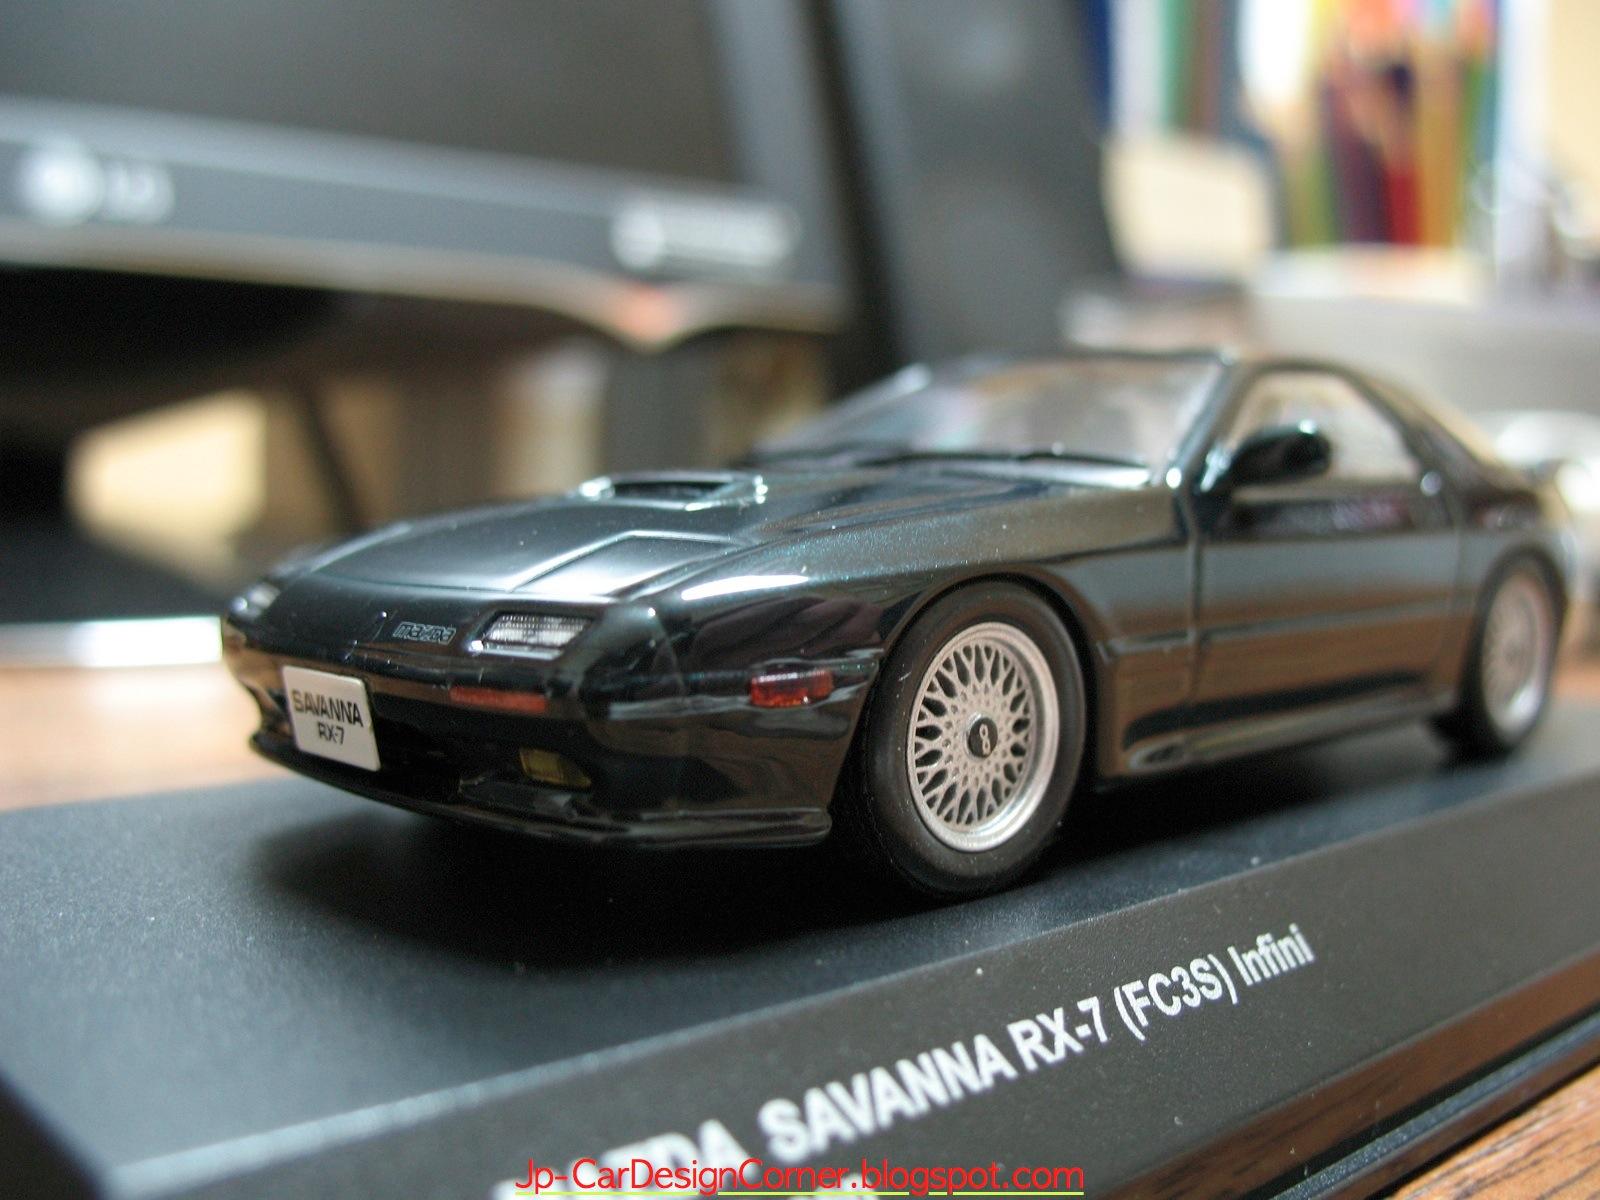 http://2.bp.blogspot.com/_qmwdM_8Ln-Q/TSzc2Bgvj9I/AAAAAAAASsc/ZEX_K-2Mqyo/s1600/Mazda+RX-7+FC3S+scale+model+Kyosho+1.jpg